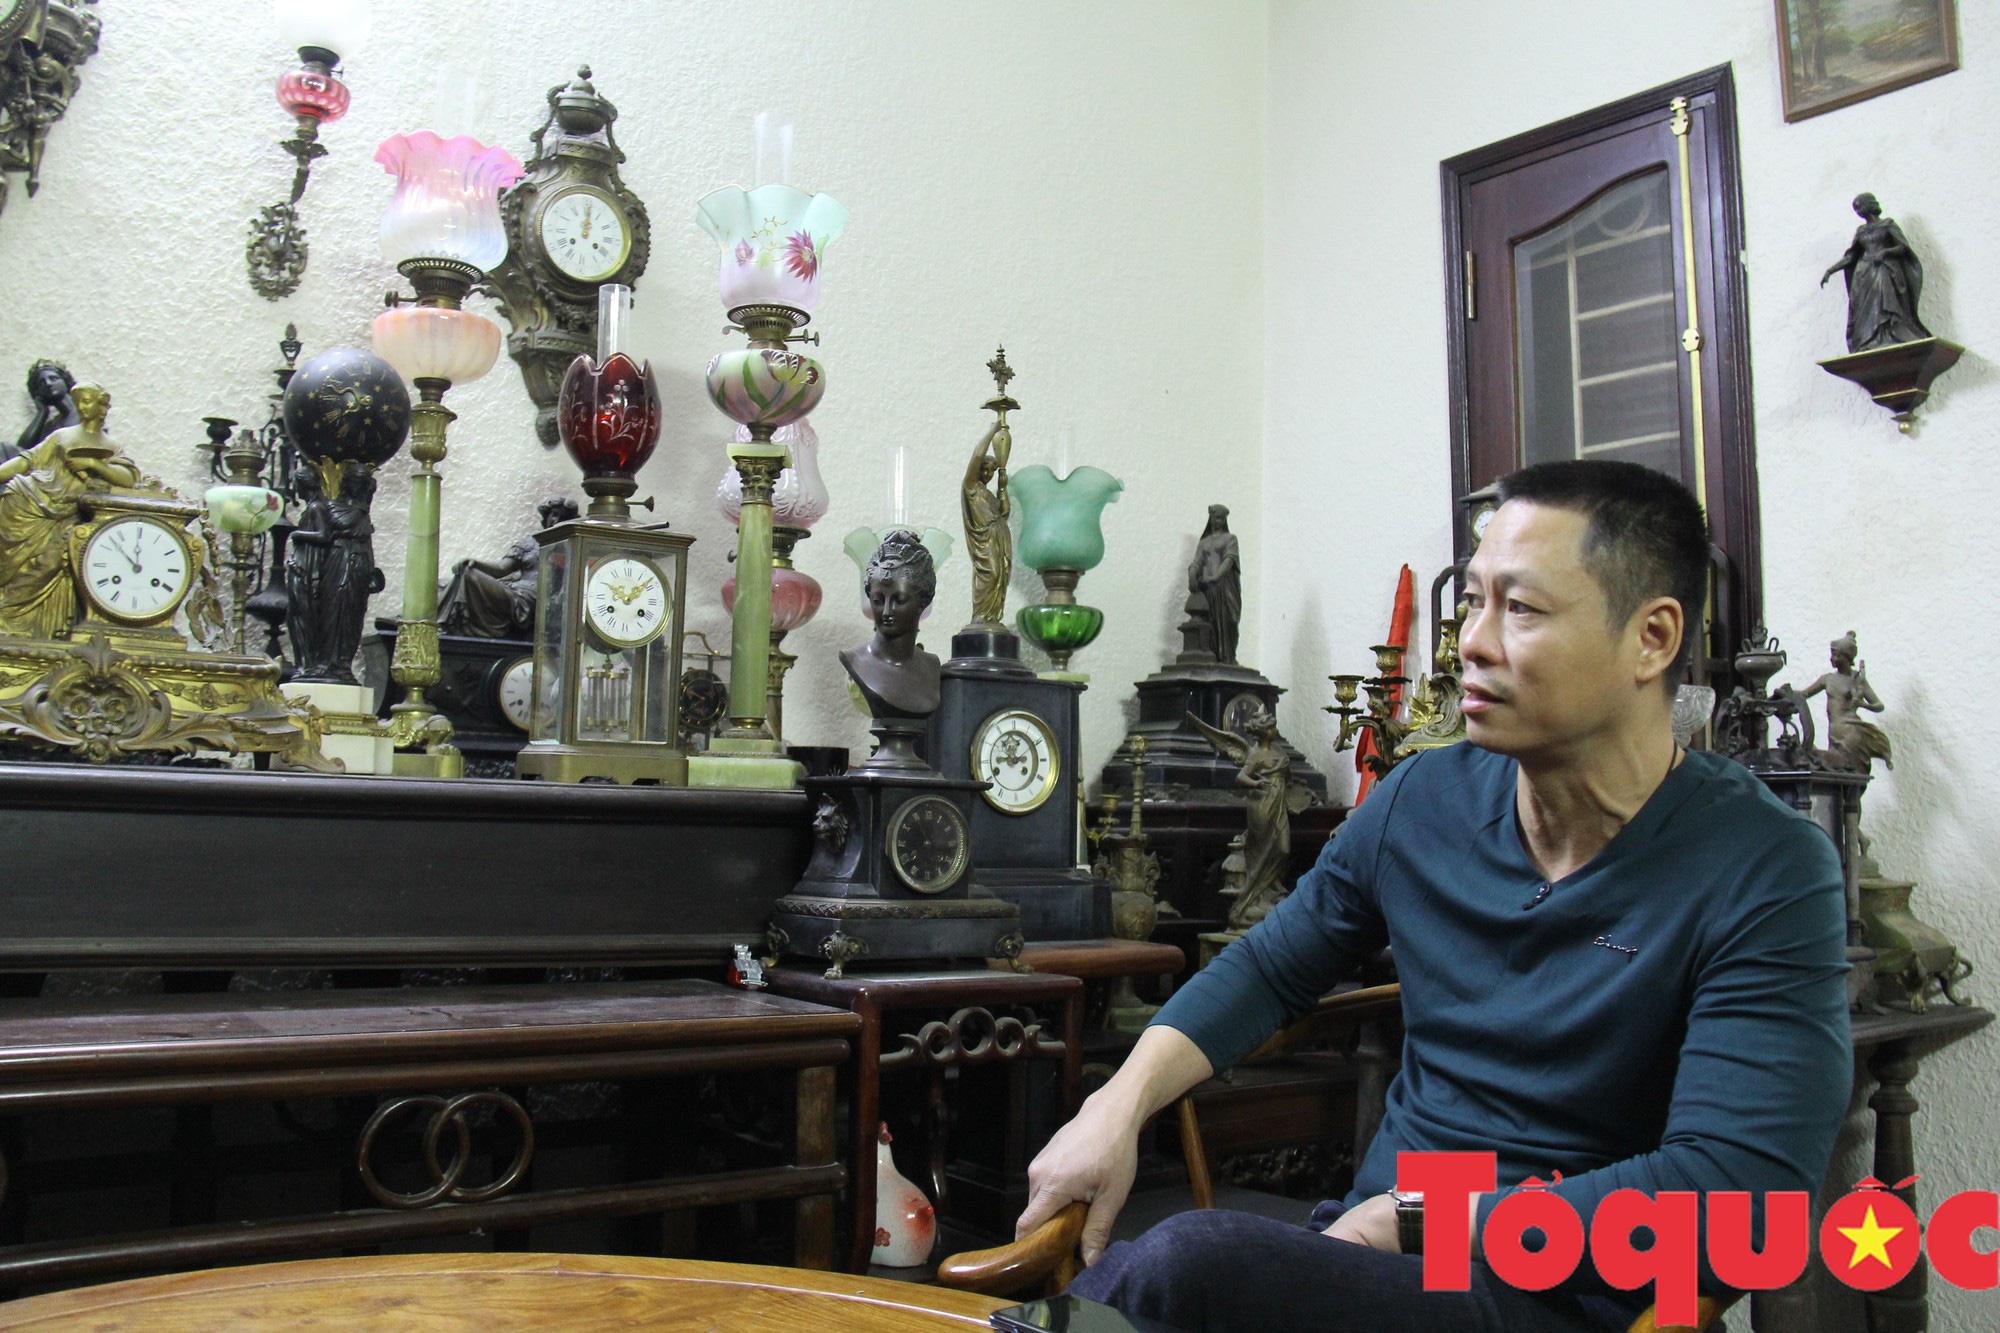 Đèn dầu: Từ vật dụng thiết yếu trong quá khứ đến thú sưu tầm, gìn giữ văn hóa của người Việt - Ảnh 2.